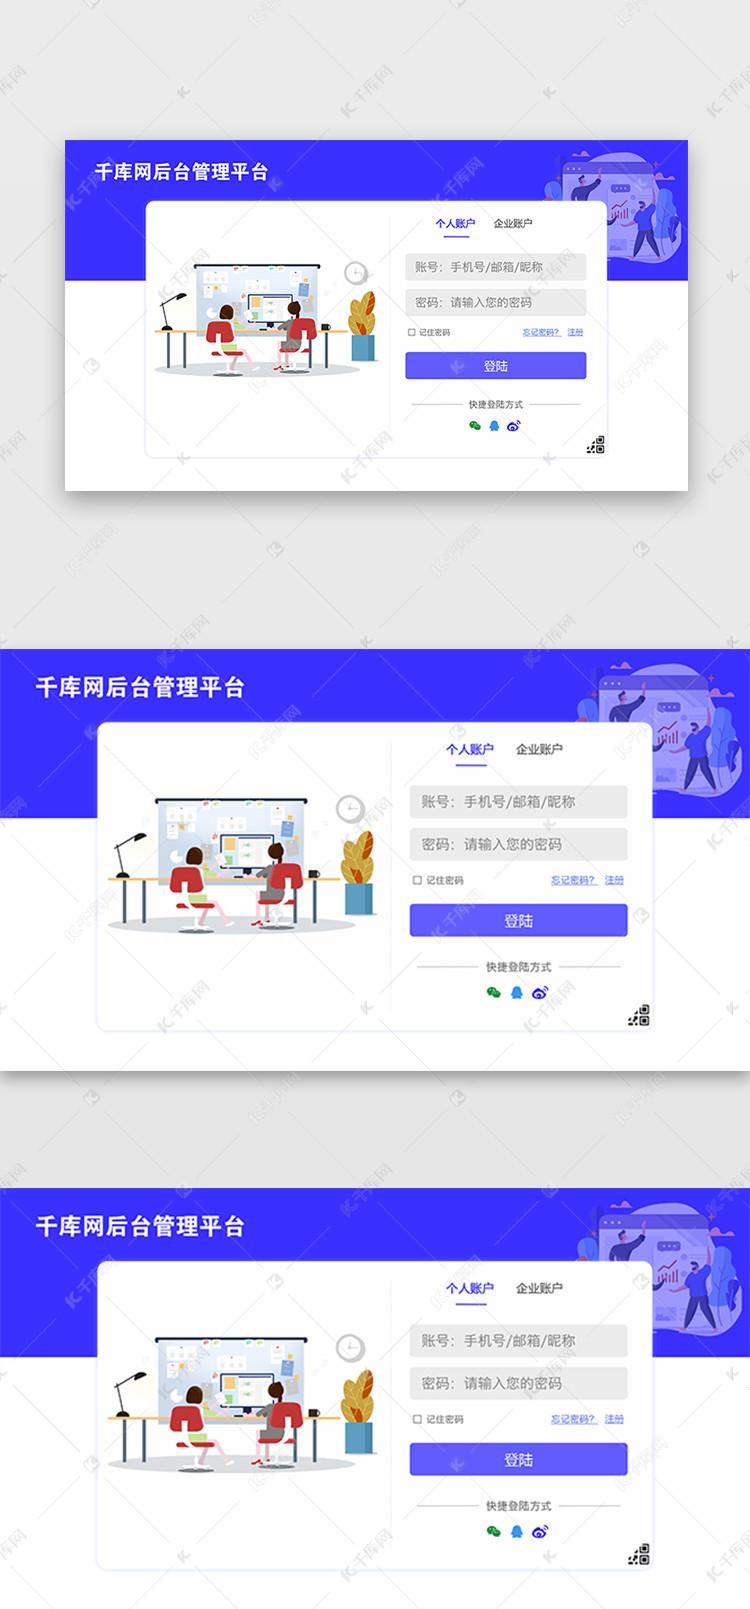 设计注册页UI登陆_千库网(UI设计id:10314)洗手间隔断墙设计图图片